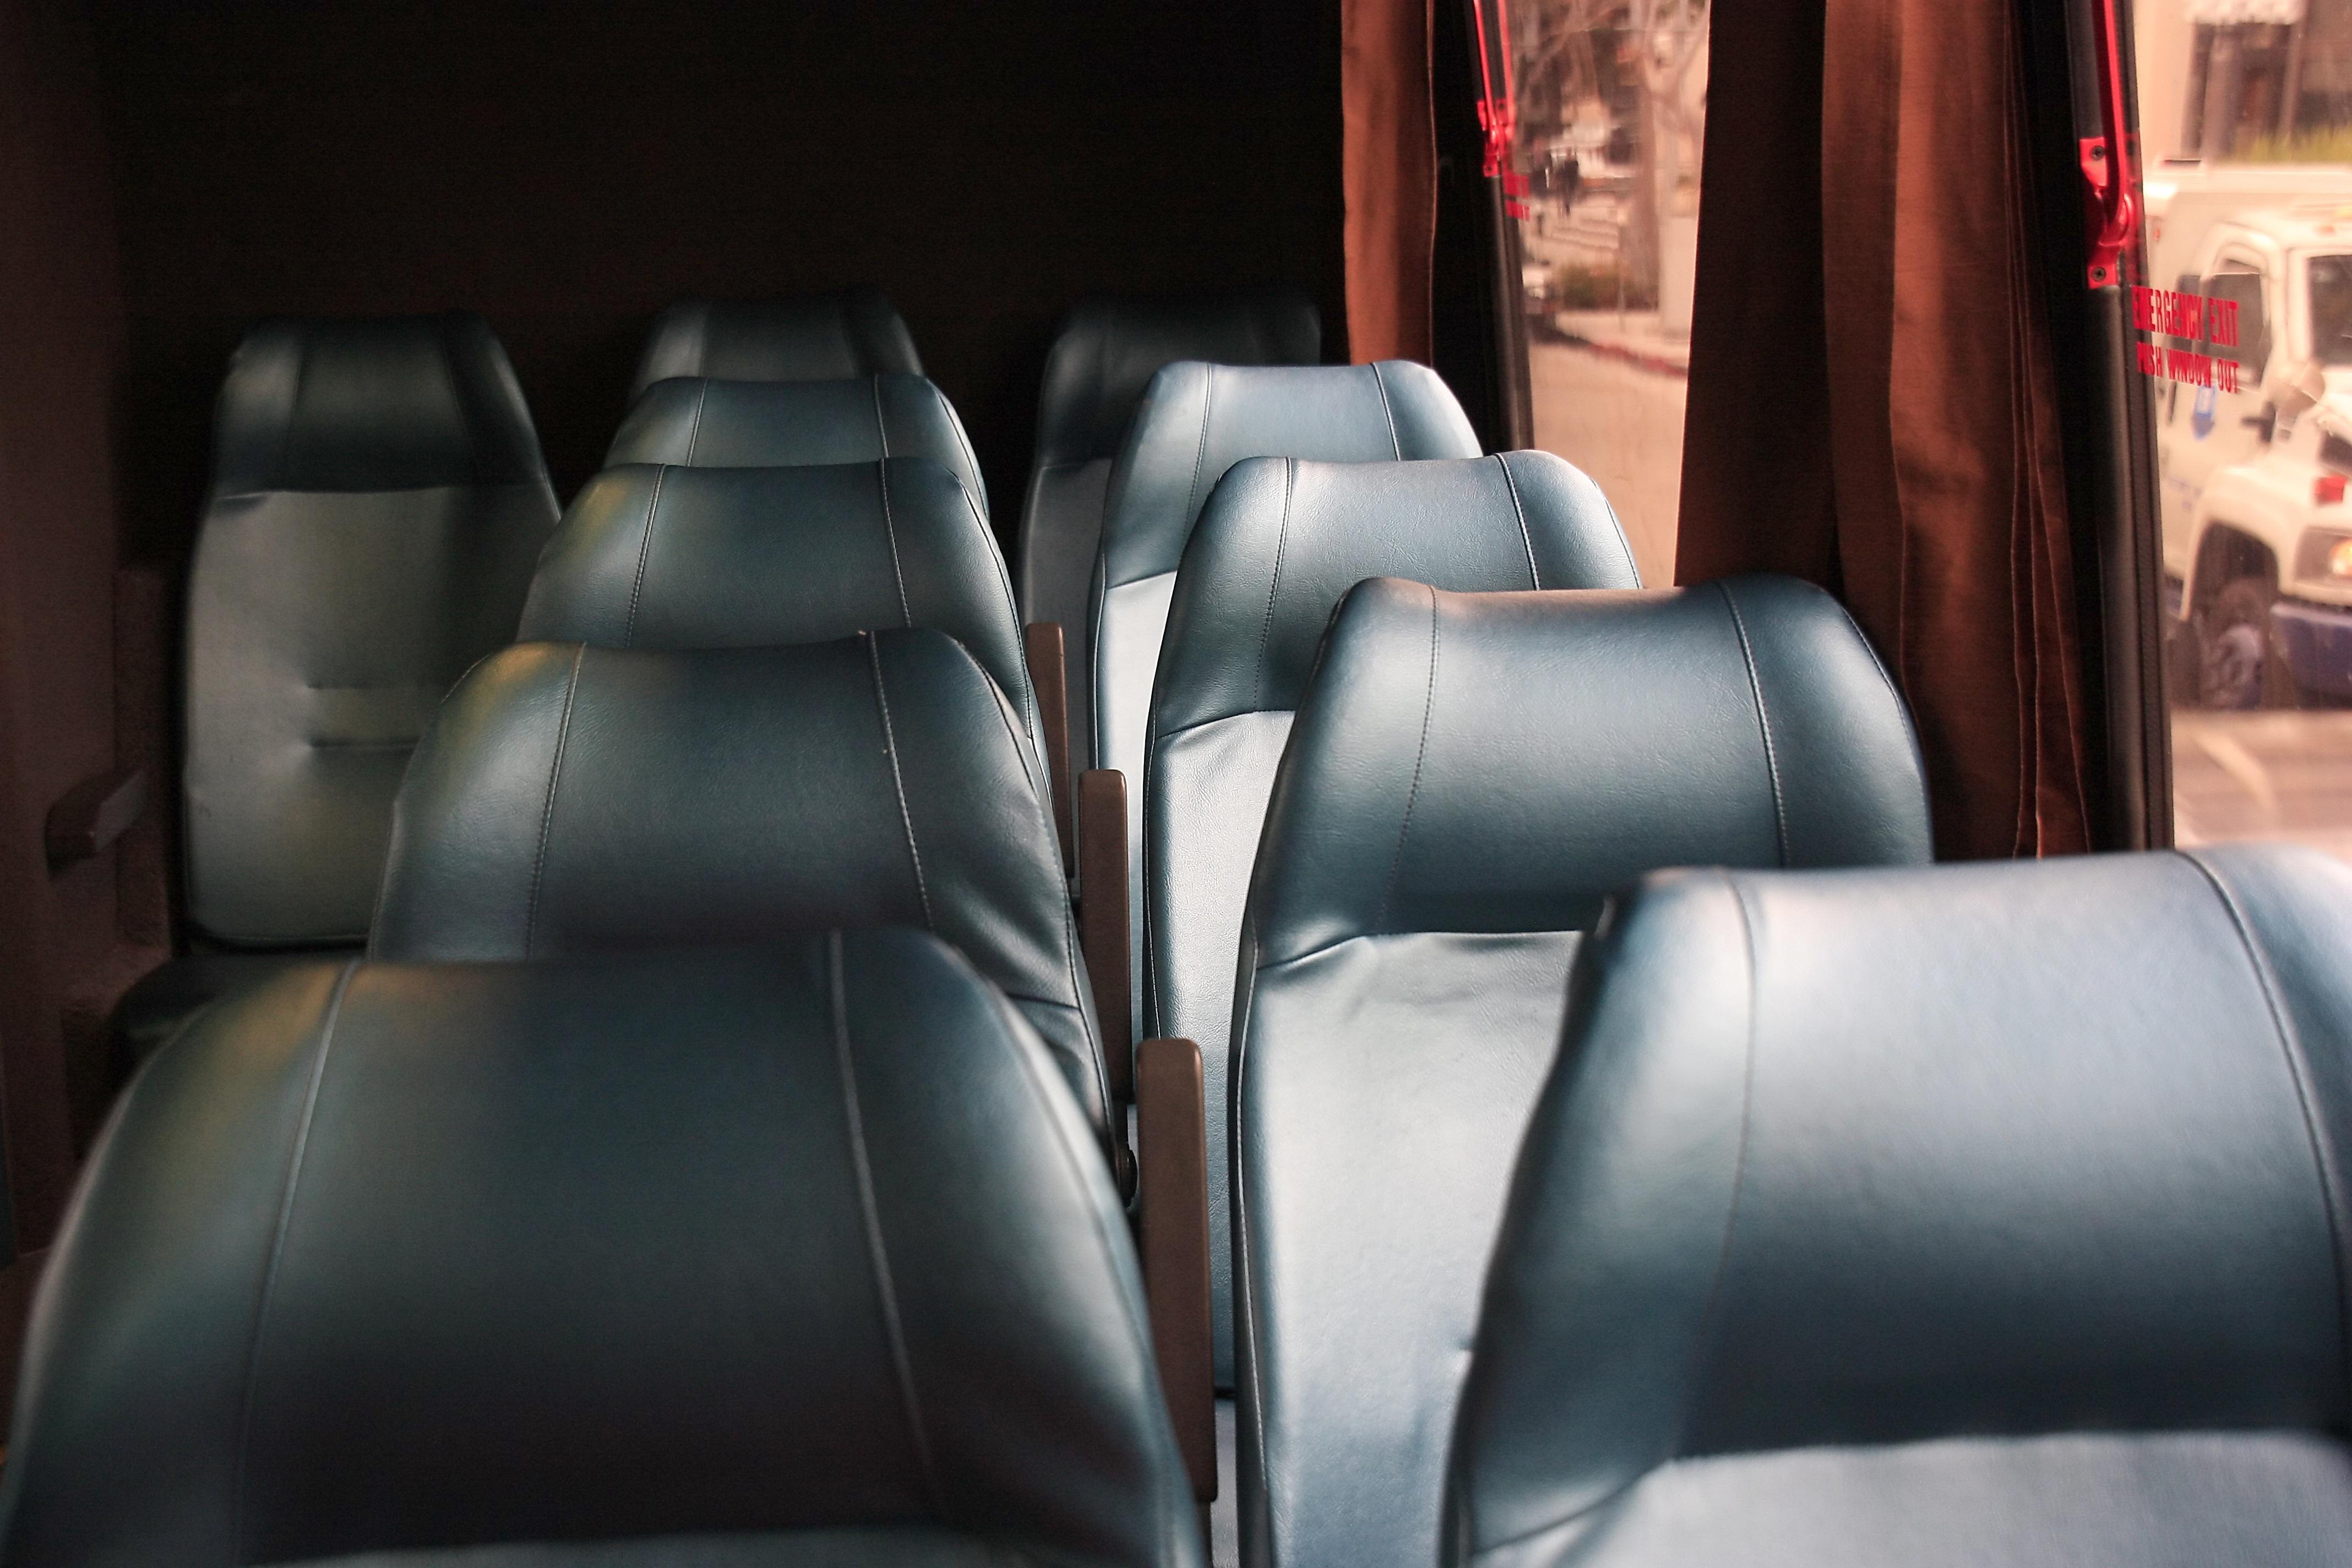 Fotos gratis : ligero, cuero, banco, coche, silla, ventana, vehículo ...